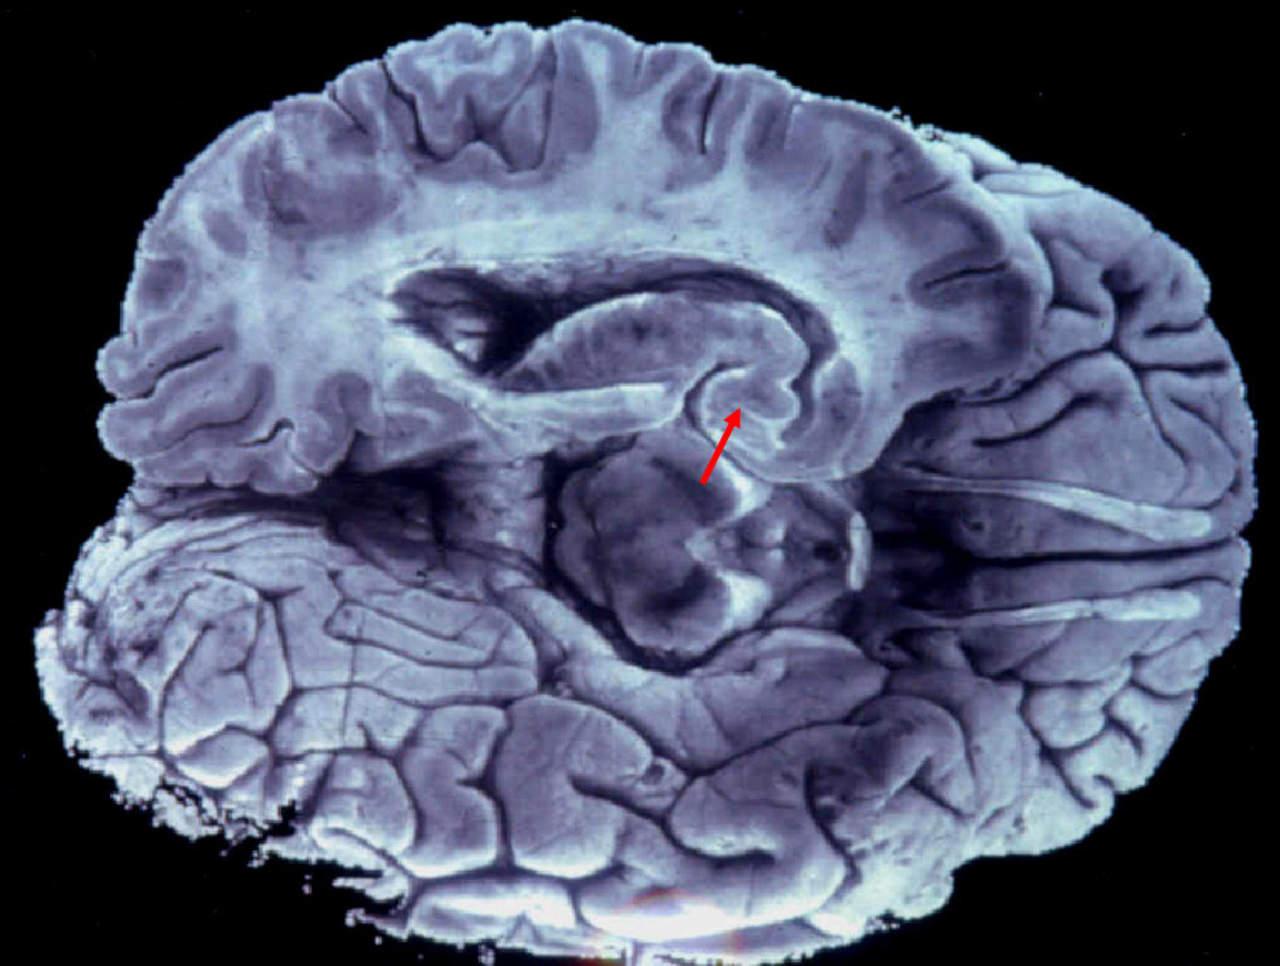 Mantener activo el cerebro ayuda a prevenir enfermedades neurológicas